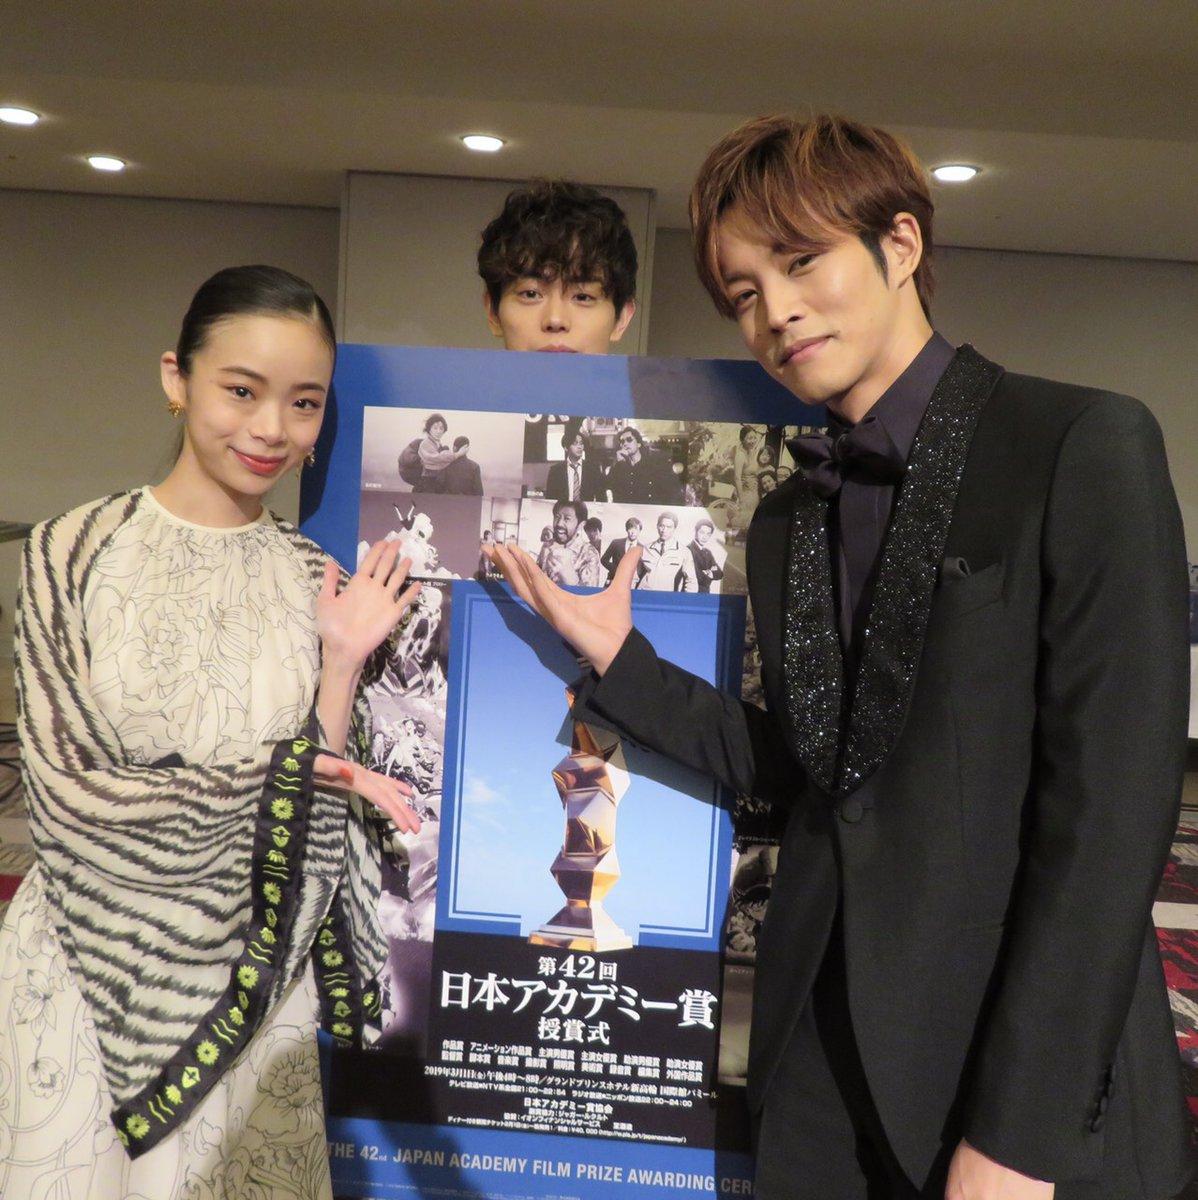 受賞した皆様おめでとうございます!!! #松坂桃李 #趣里